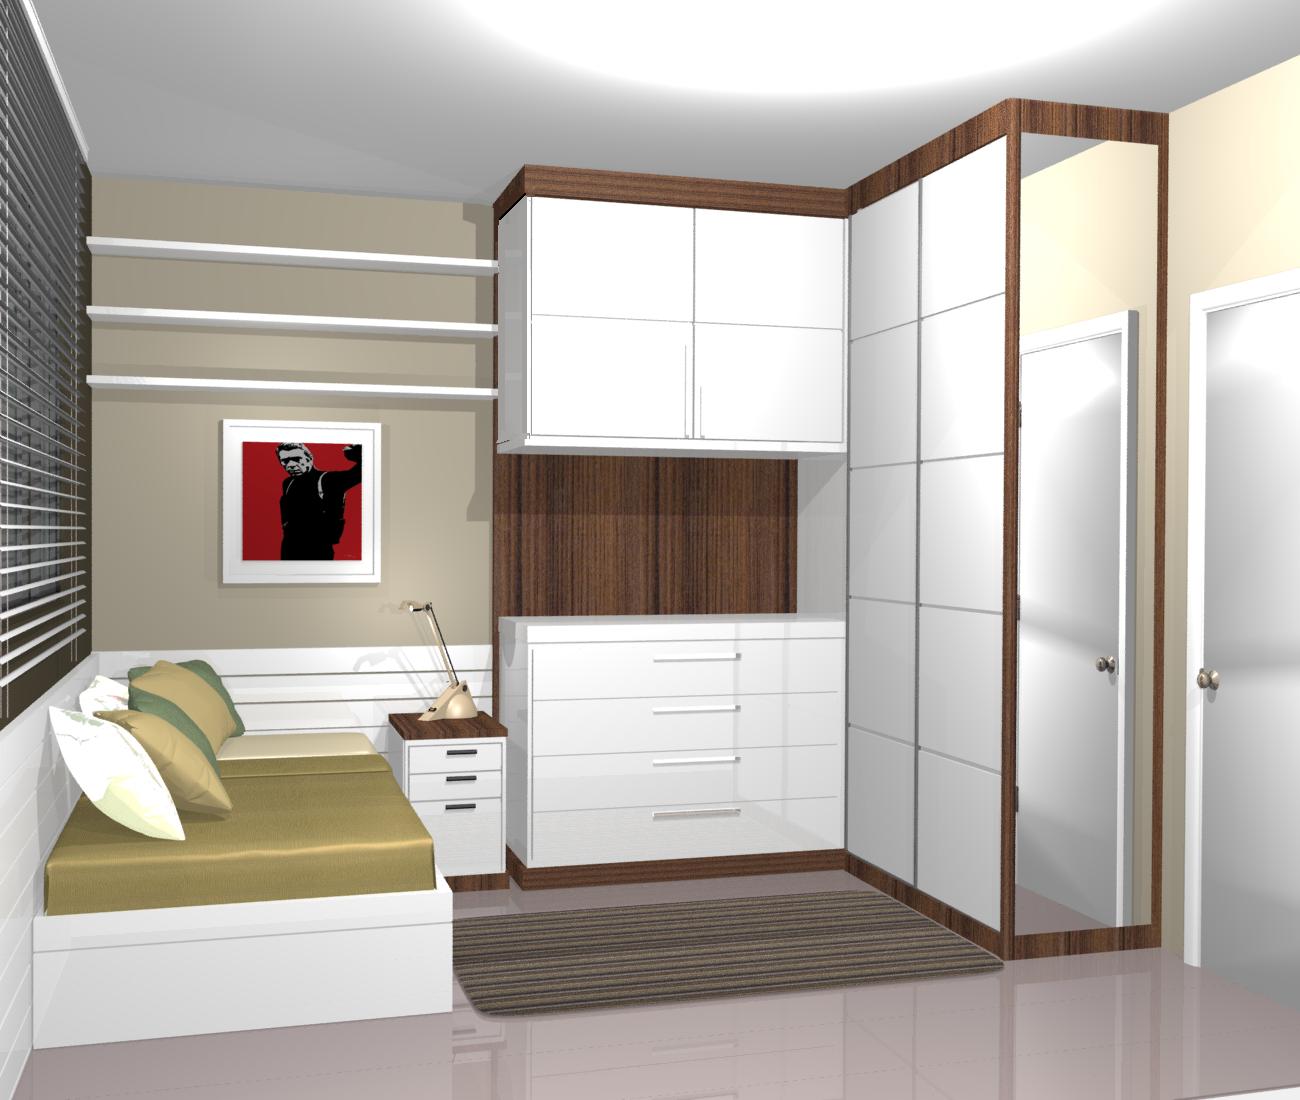 para móveis para cozinha escritório baratos para banheiro para #644235 1300x1100